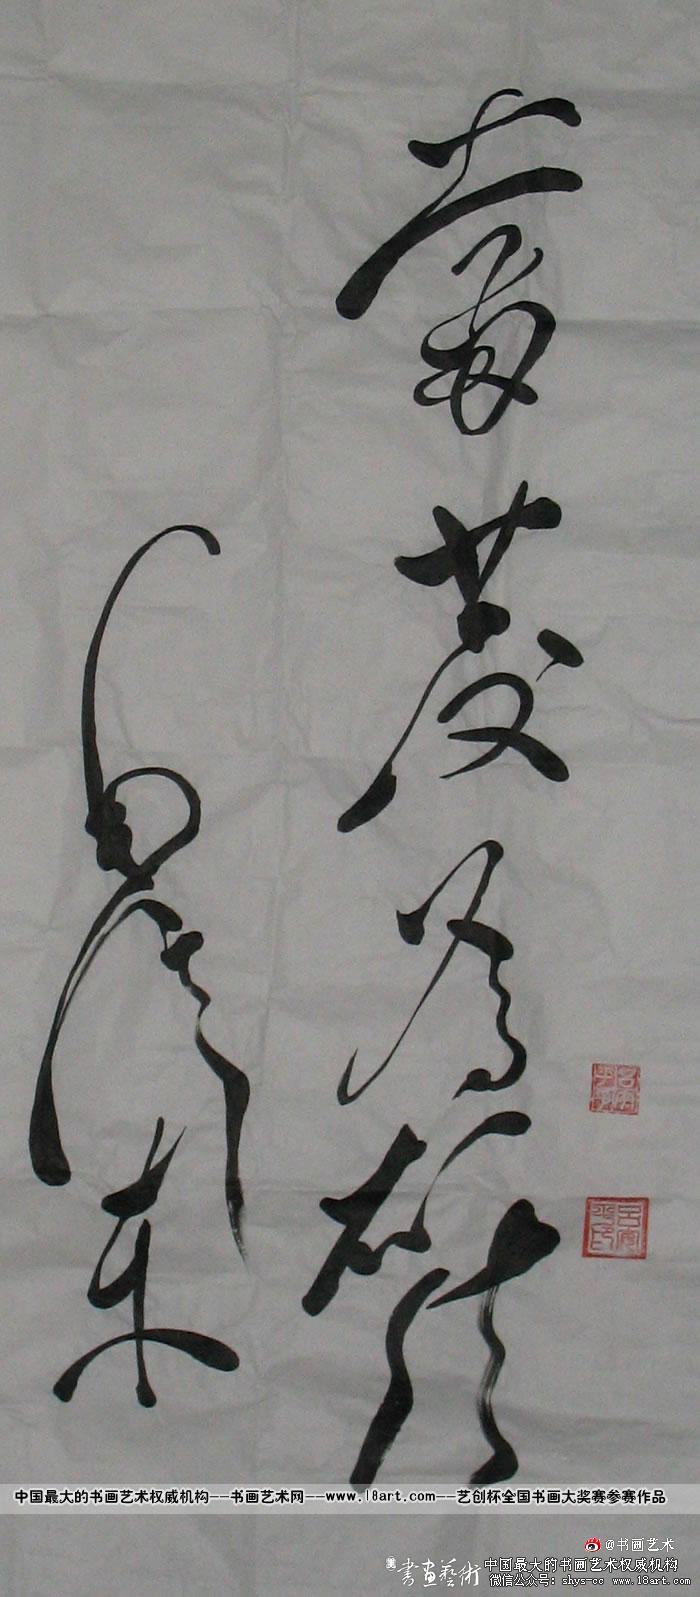 参赛者:山西大同--吕安平--1953